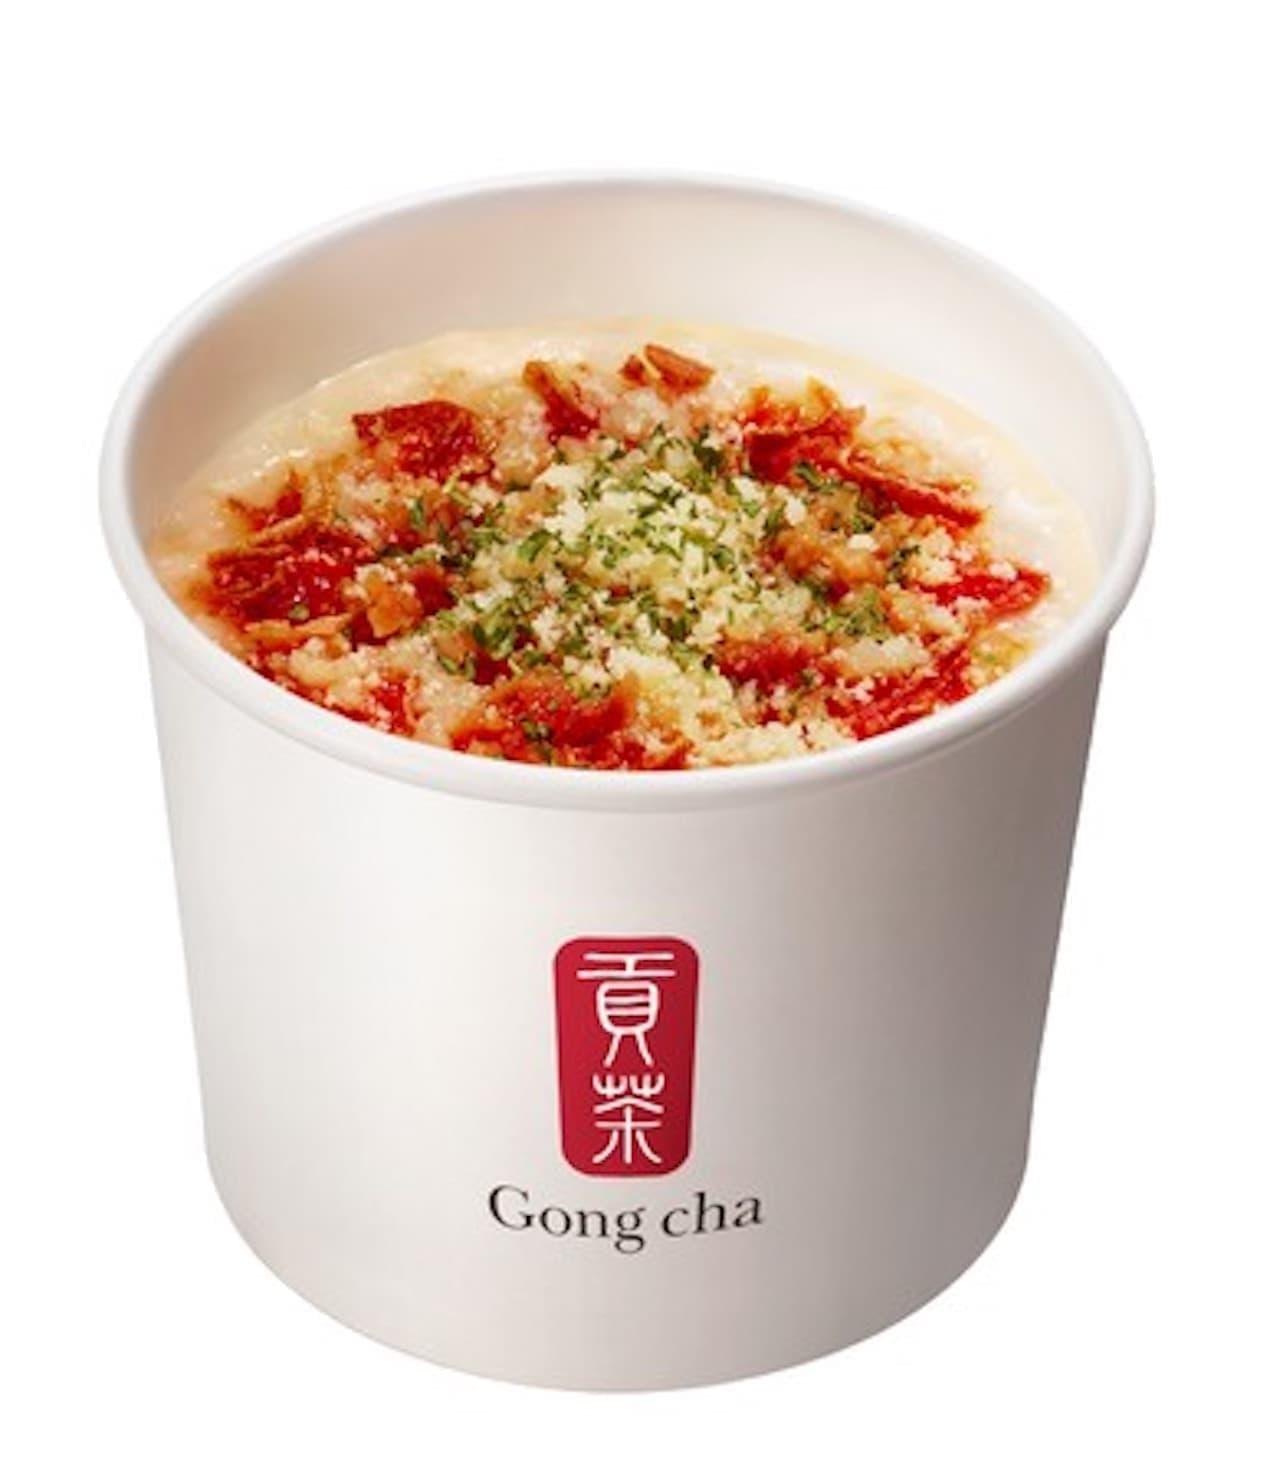 ゴンチャ「彩々粥 生姜トマト(さいさいがゆ しょうがトマト)」